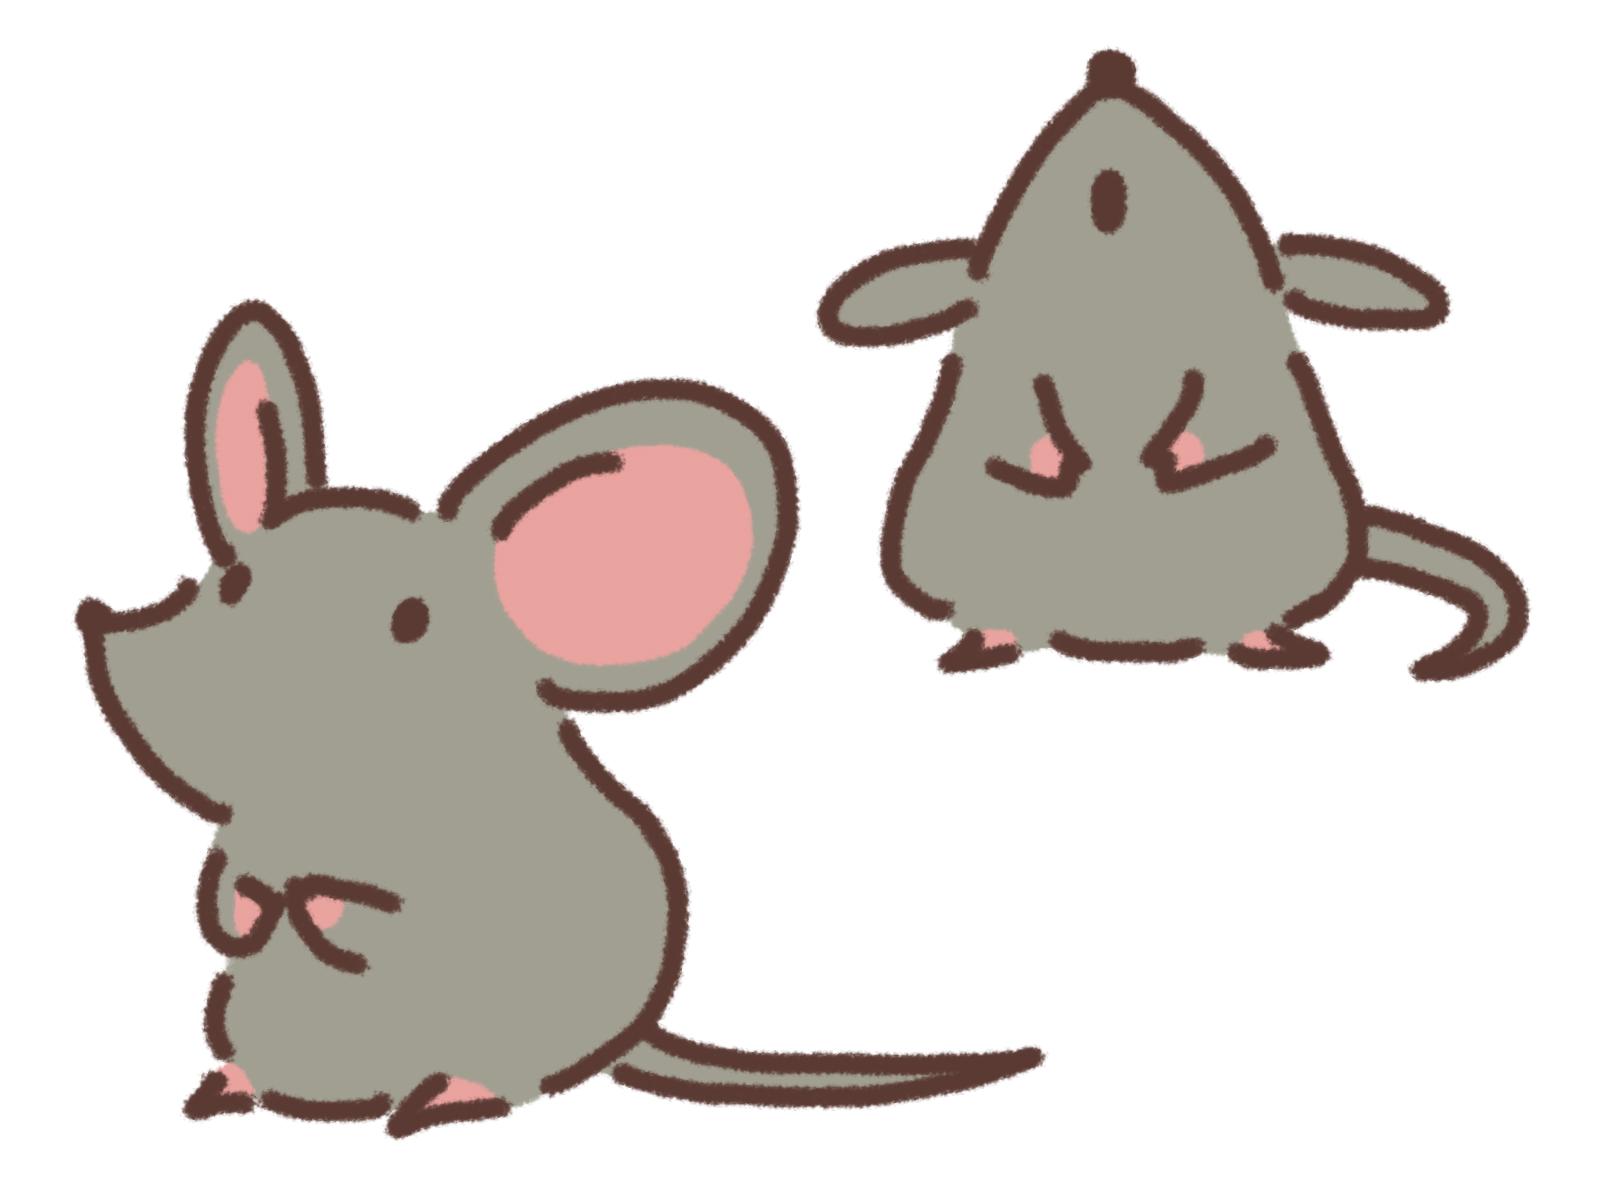 ネズミの好物のエサで駆除をする?ネズミ駆除に最適な方法とは